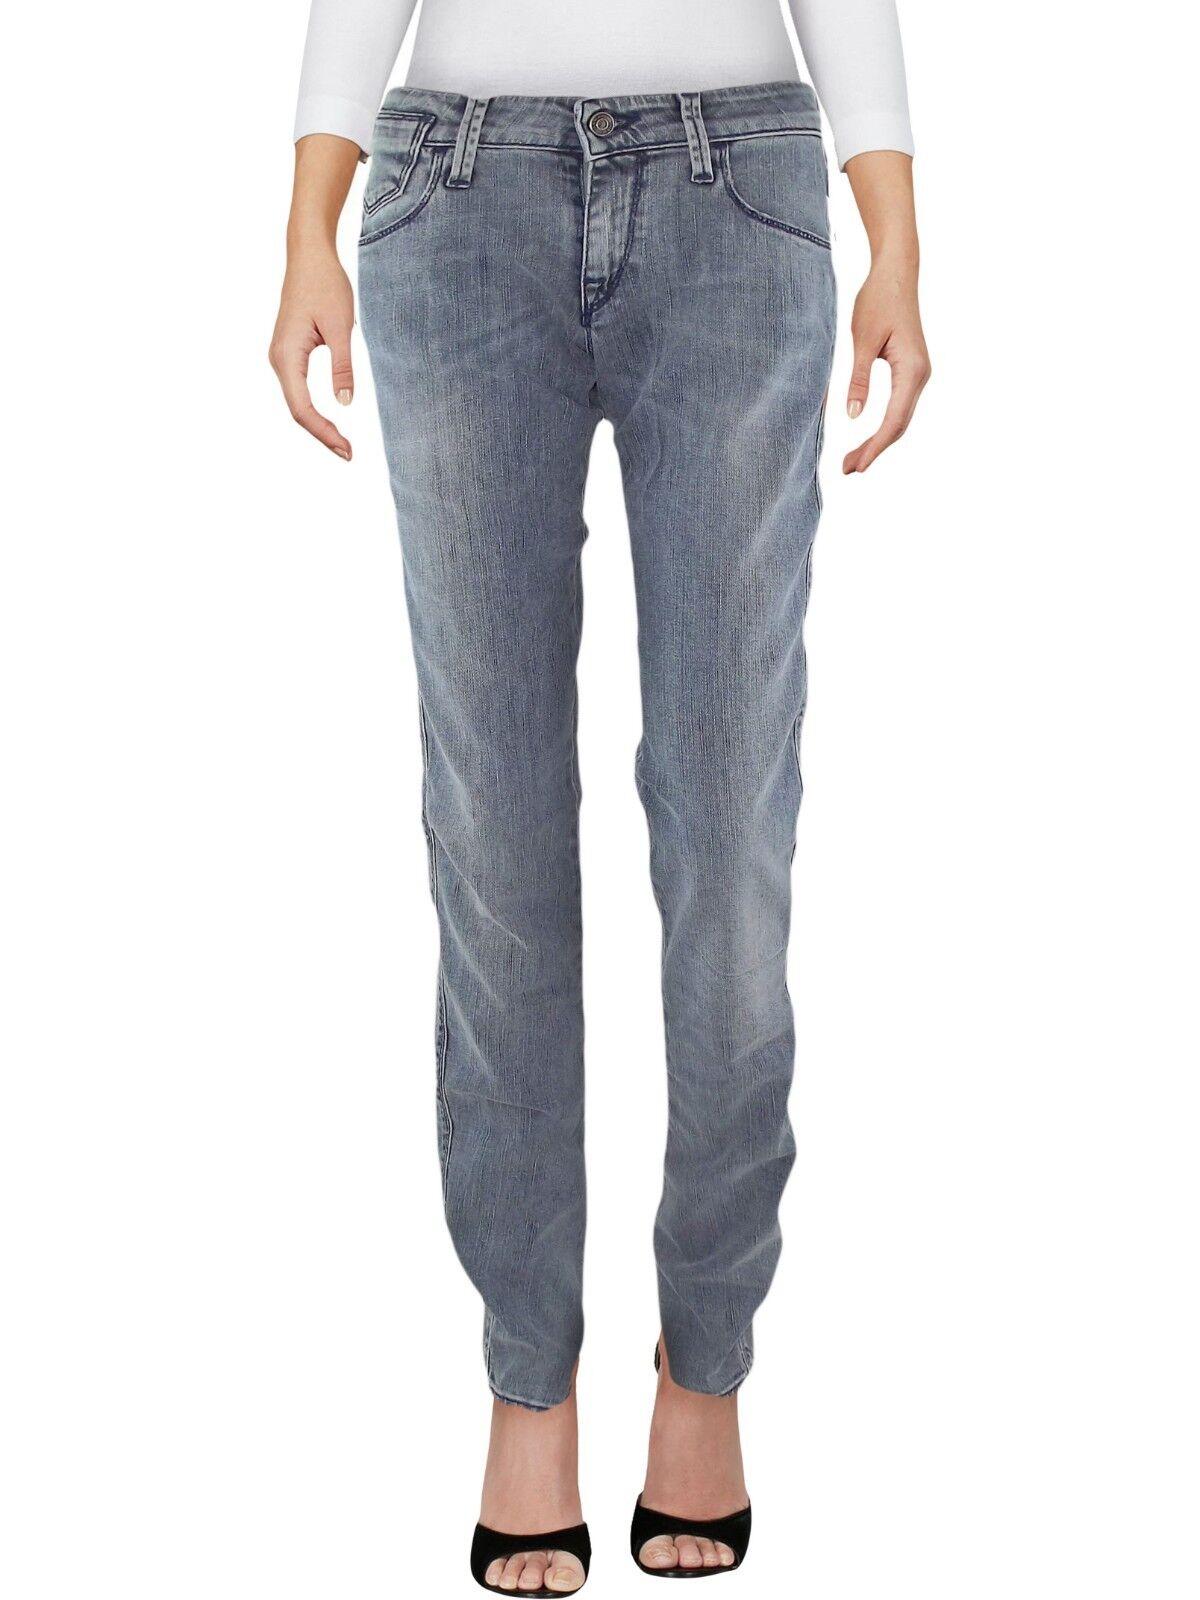 Armani jeans donna slim fit blu denim taglia it 40 42 w 26 28